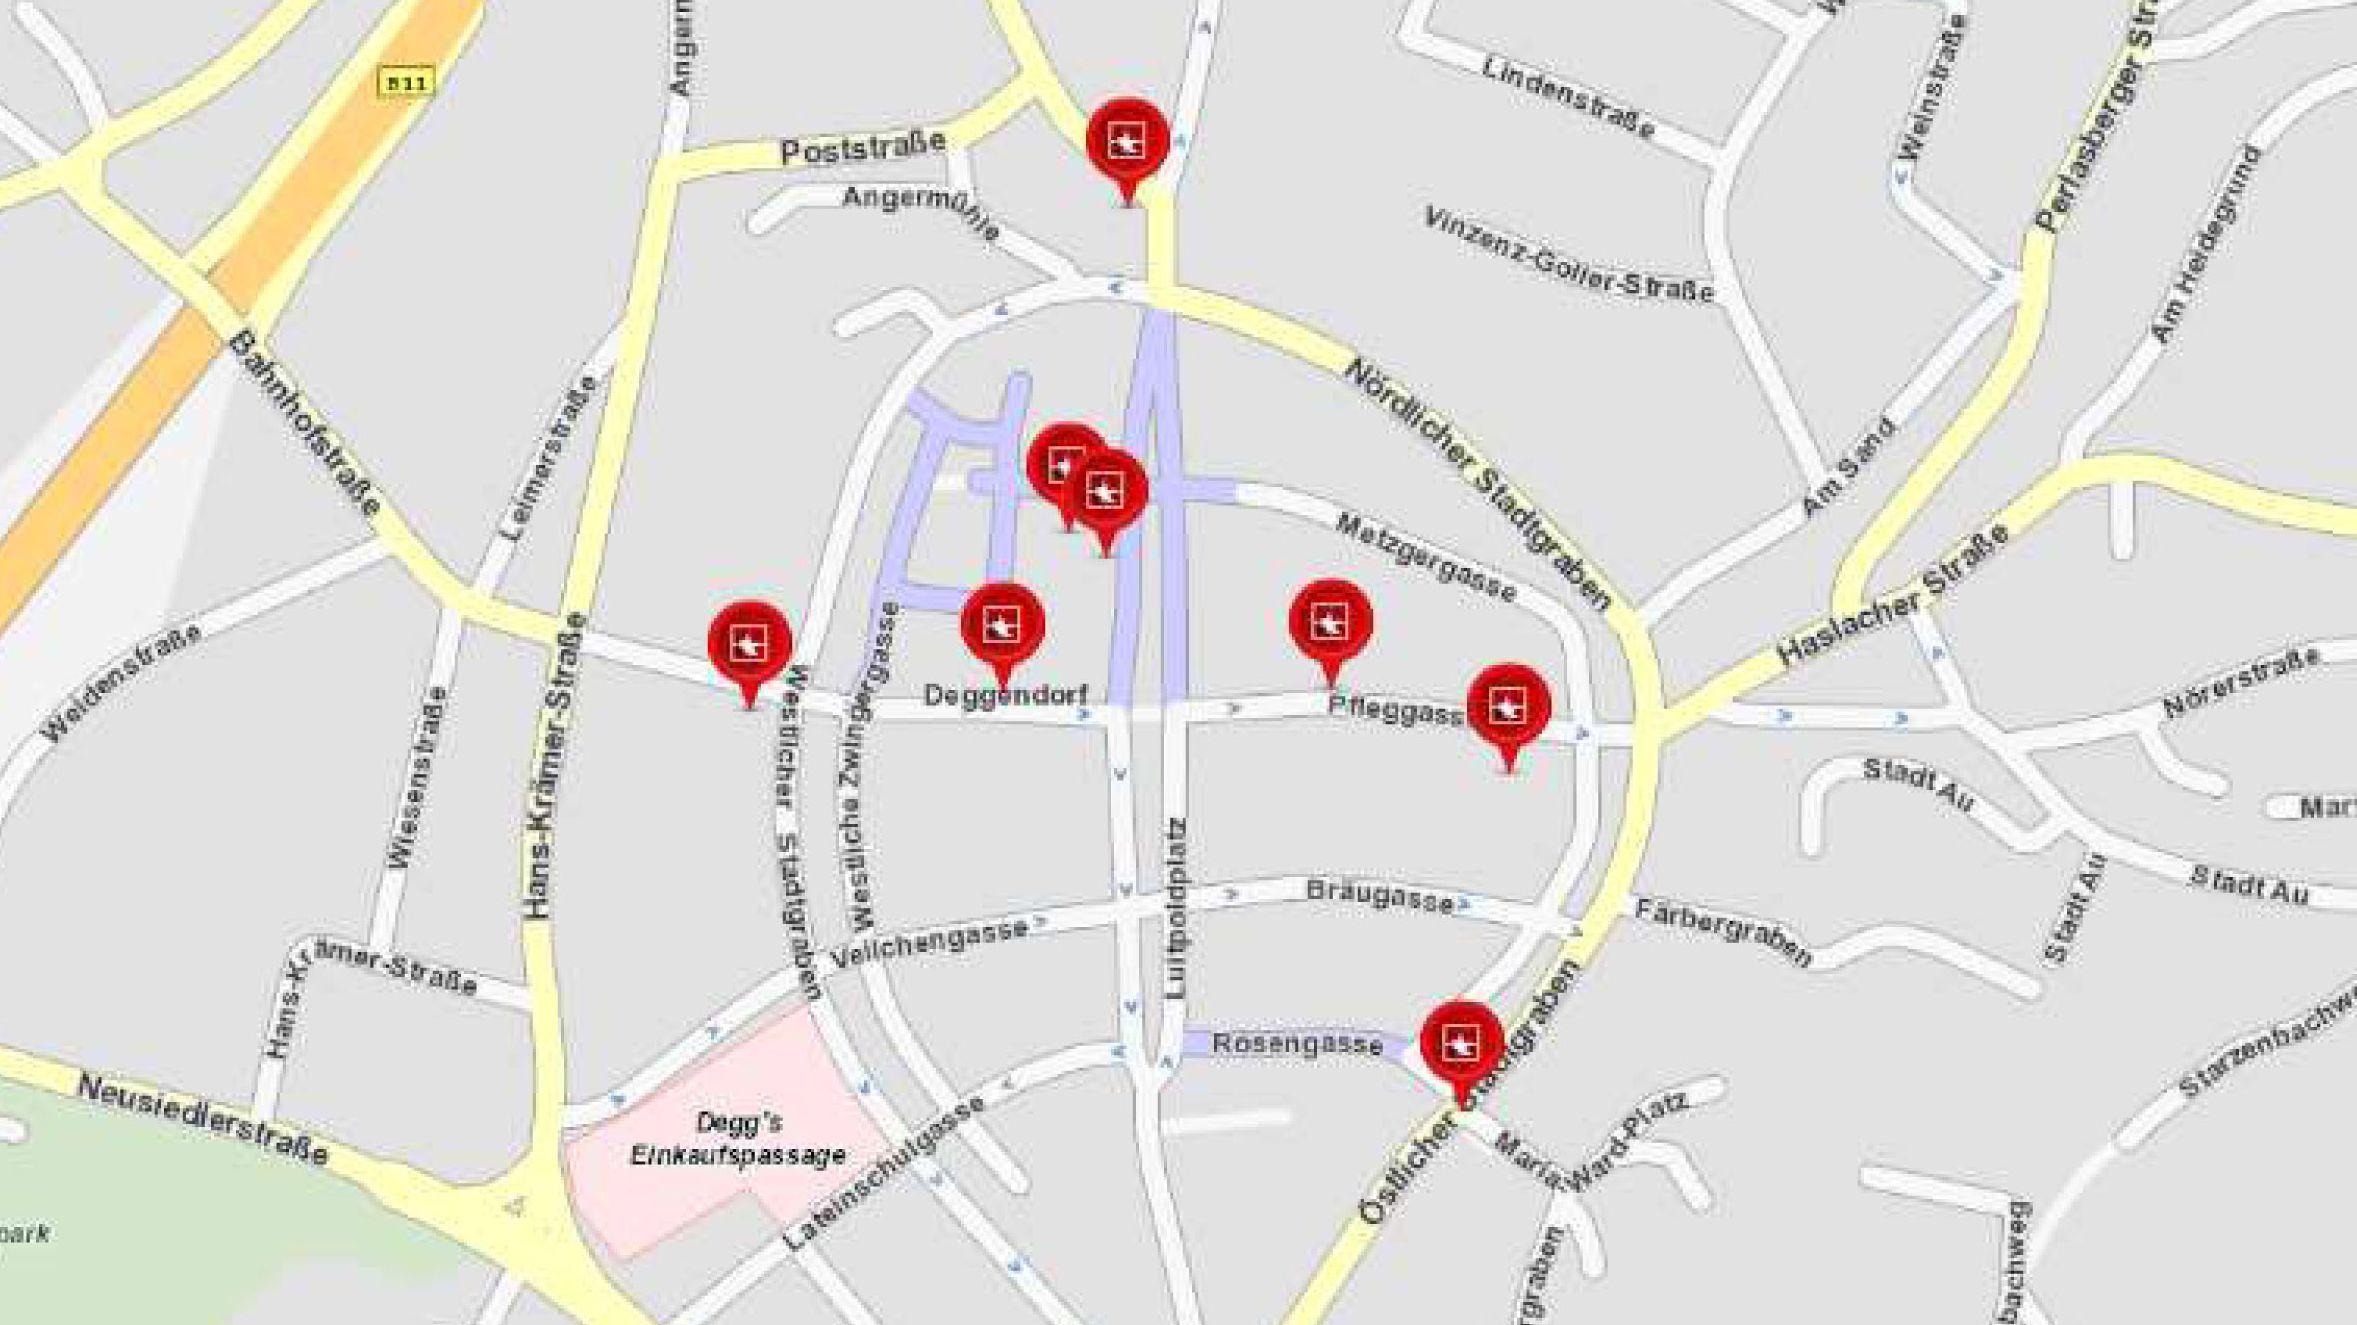 Karte mit den Tatorten in der Deggendorfer Innenstadt